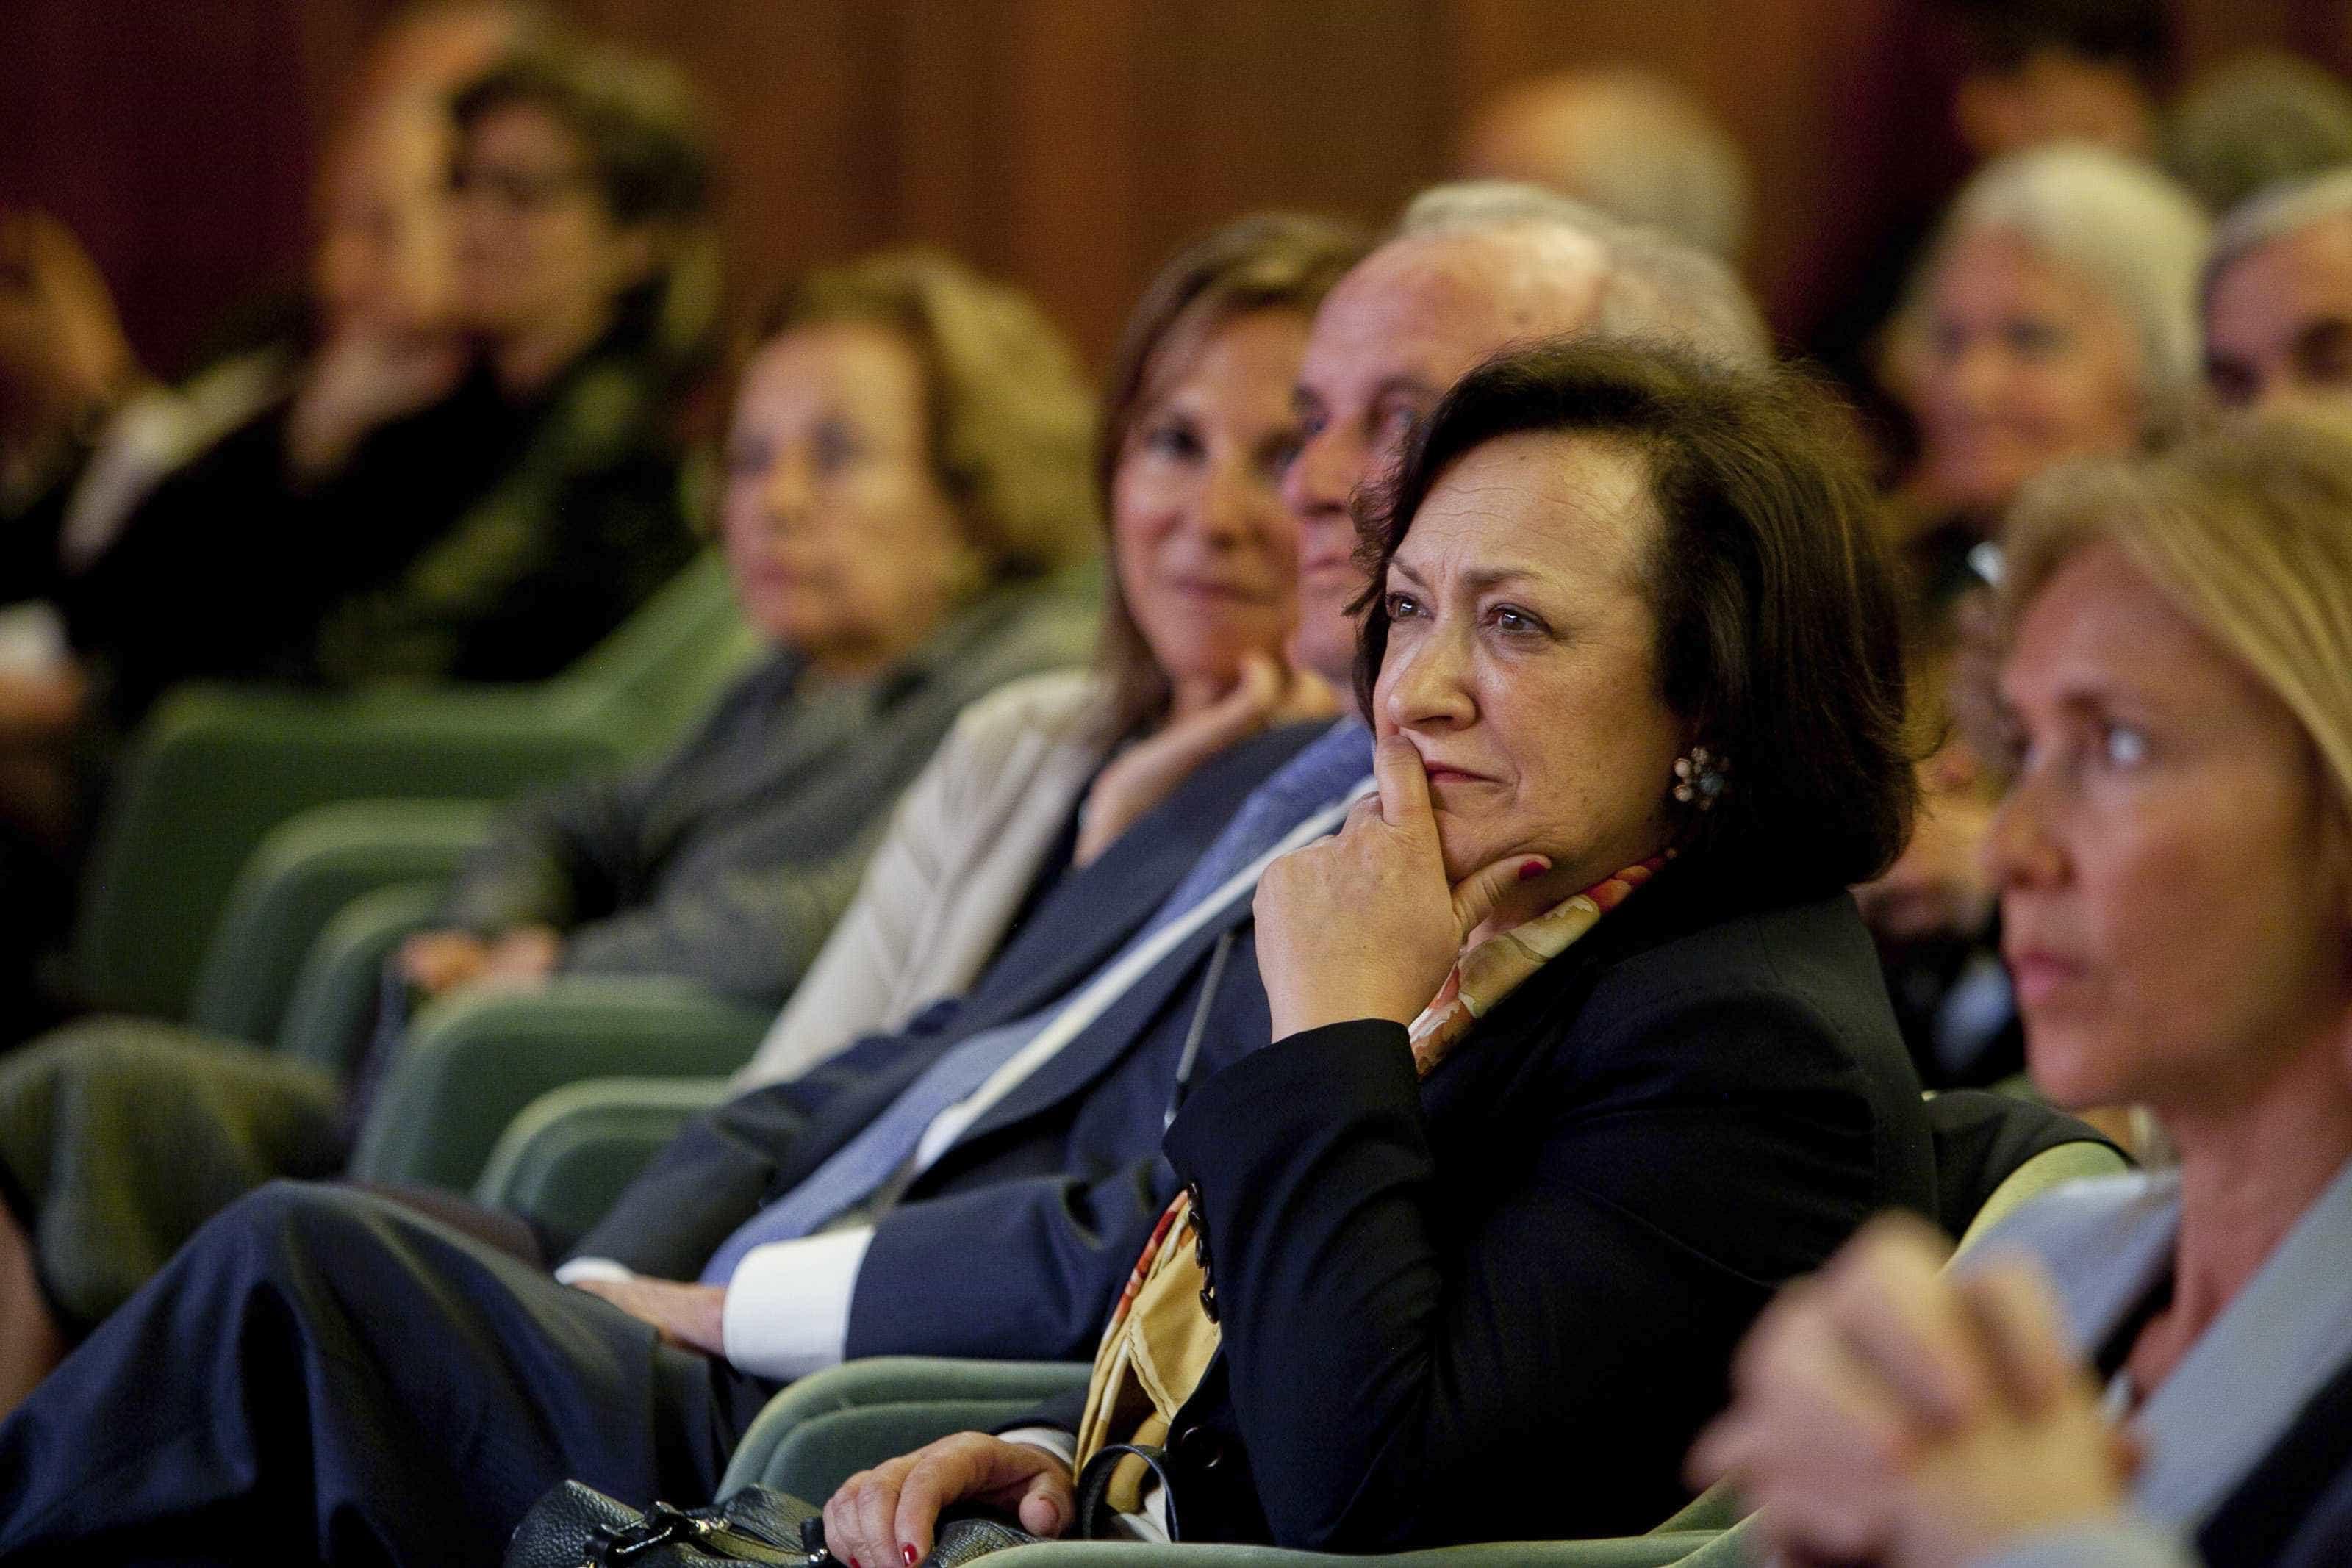 Novo PGR, Operação Marquês, e Vistos Gold na rentrée judiciária